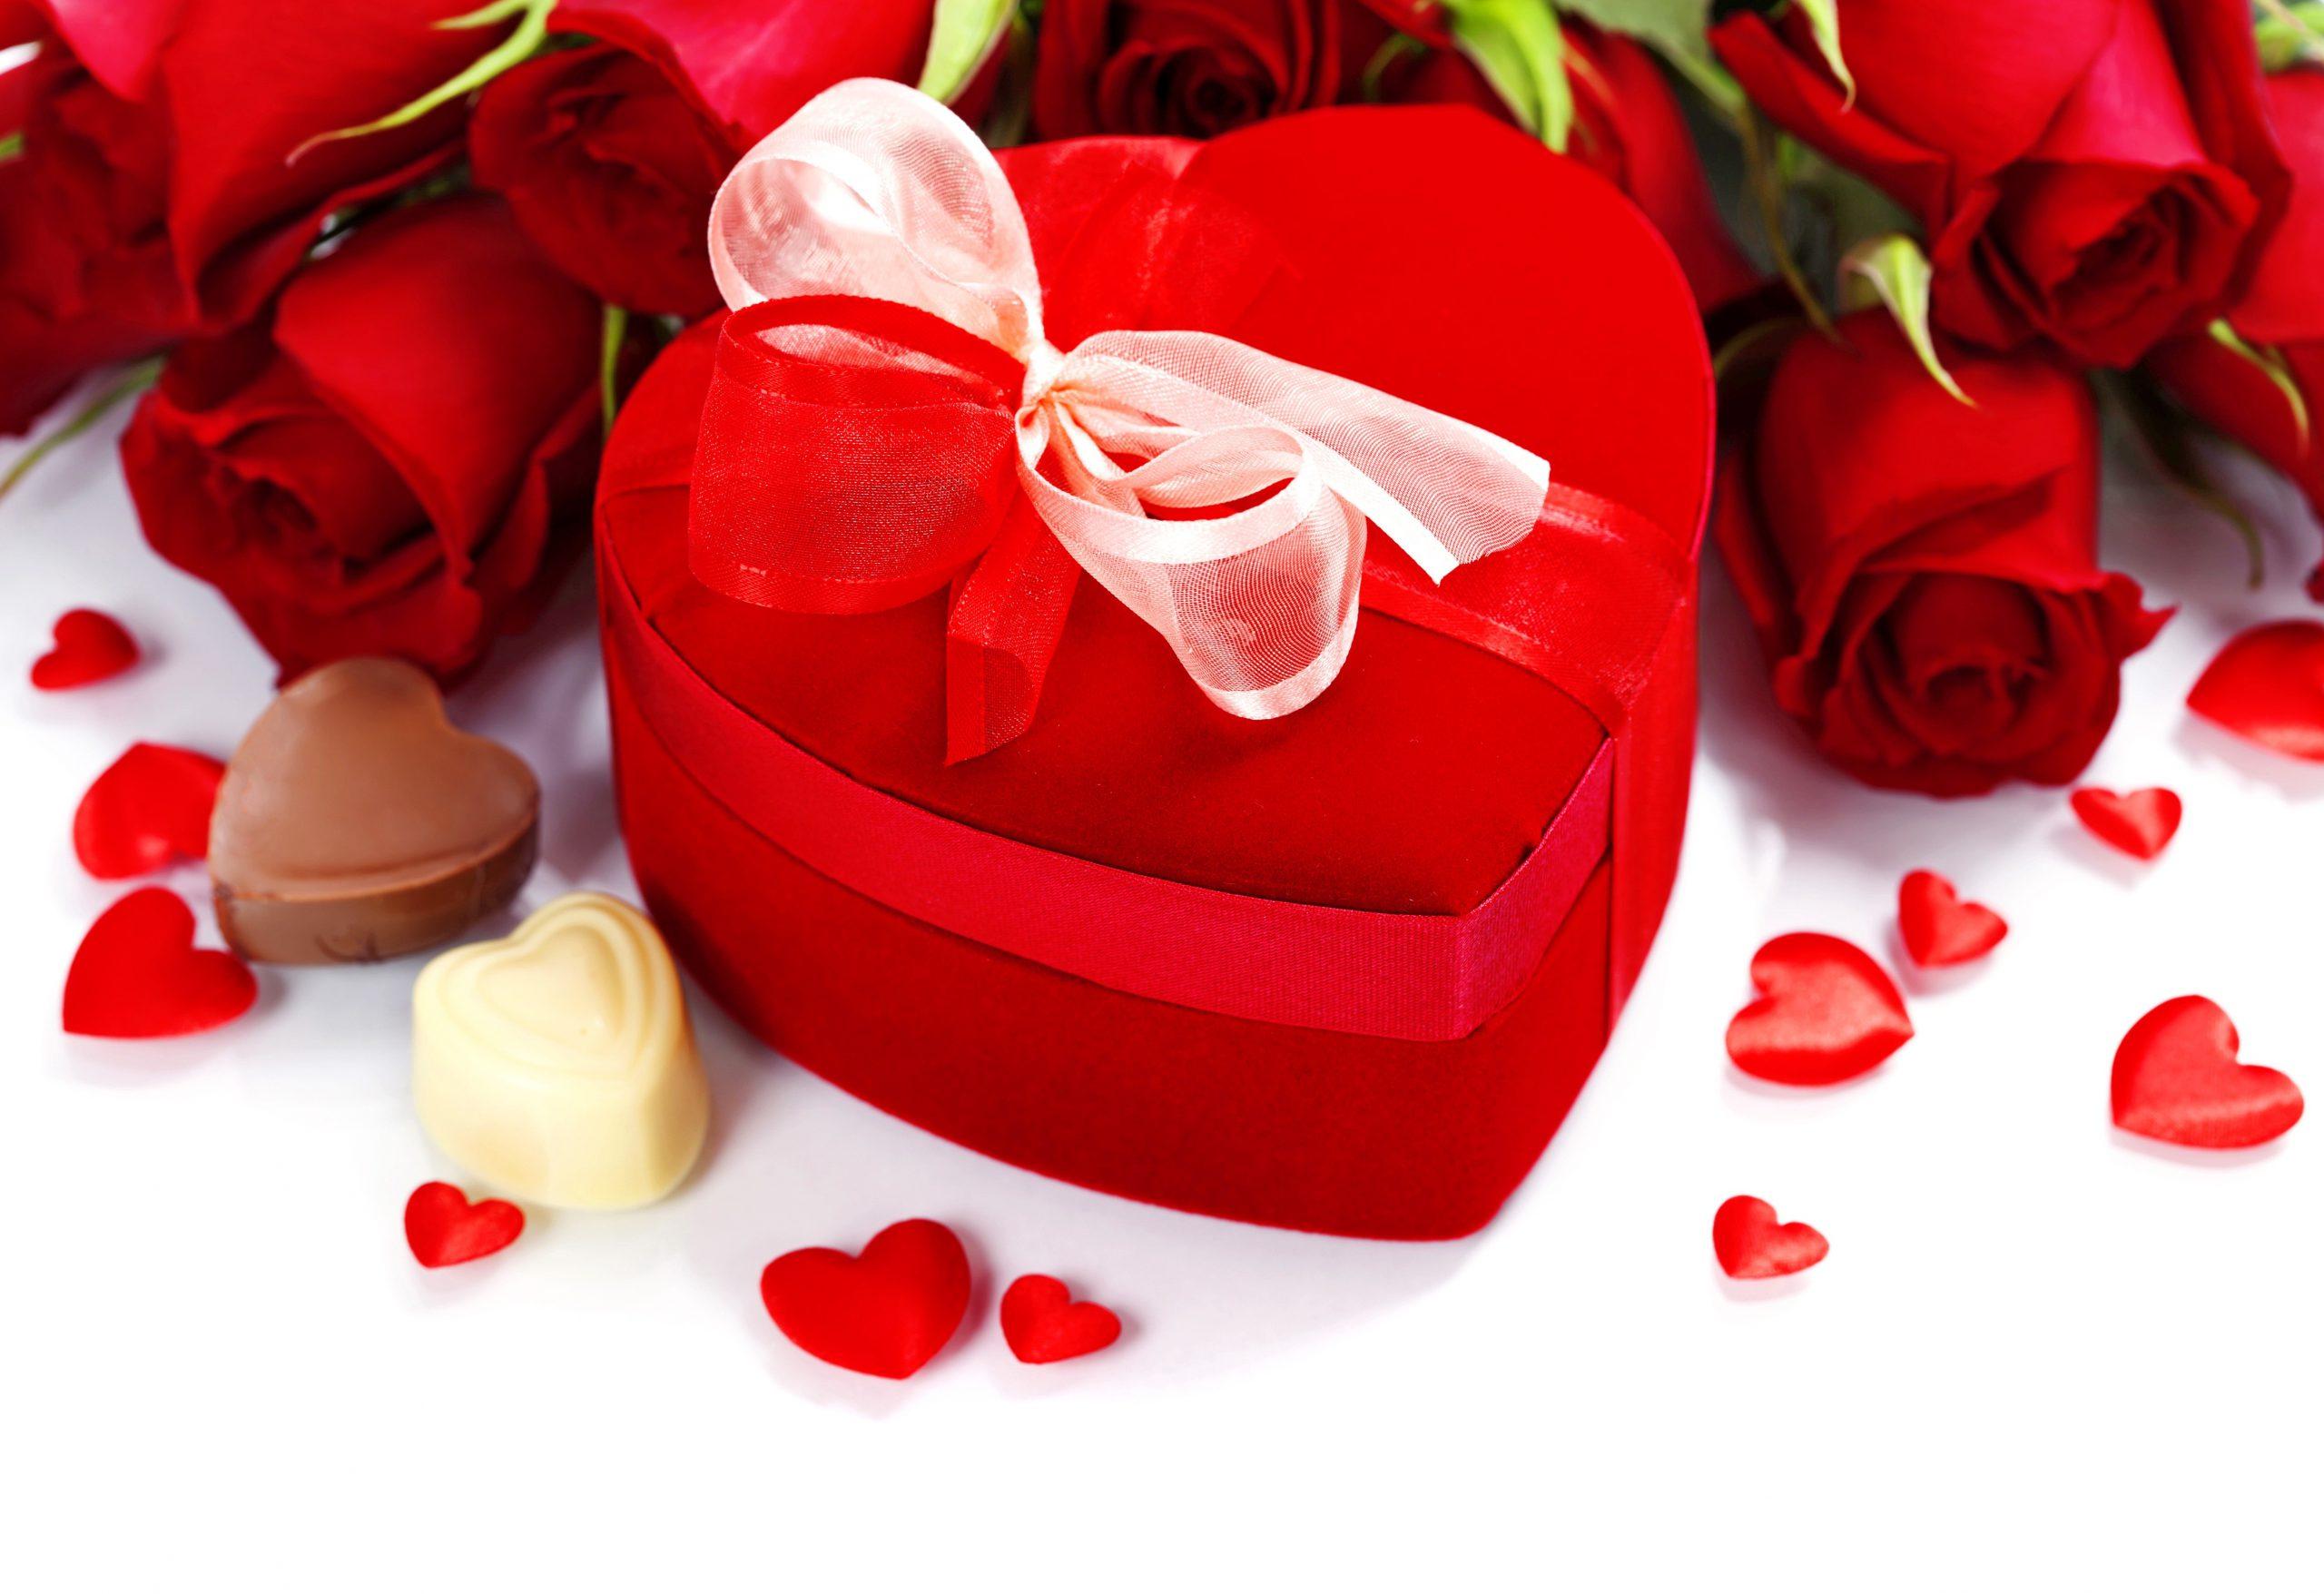 Букет для любимой на день святого Валентина купить